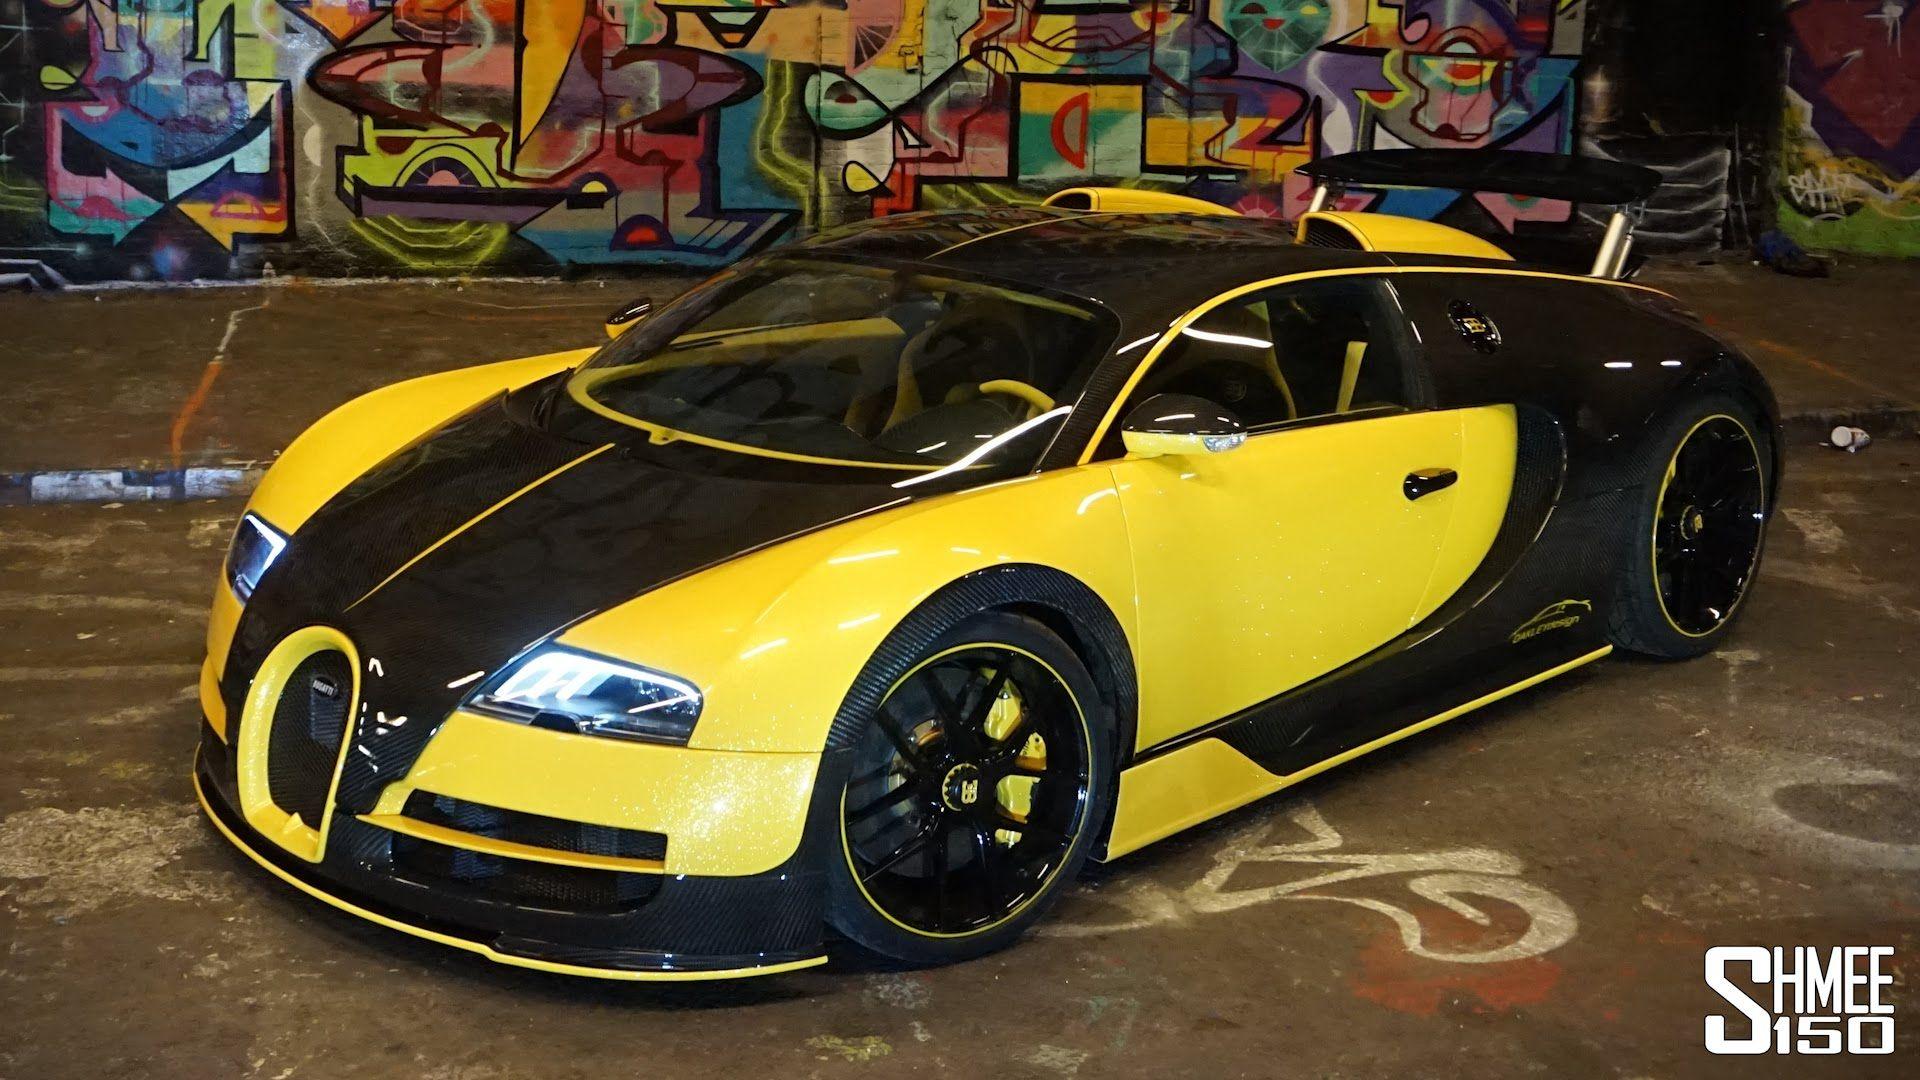 Primeras Imagenes Bugatti Veyron Diseno Oakley Bugatti Veyron 16 Bugatti Veyron Bugatti